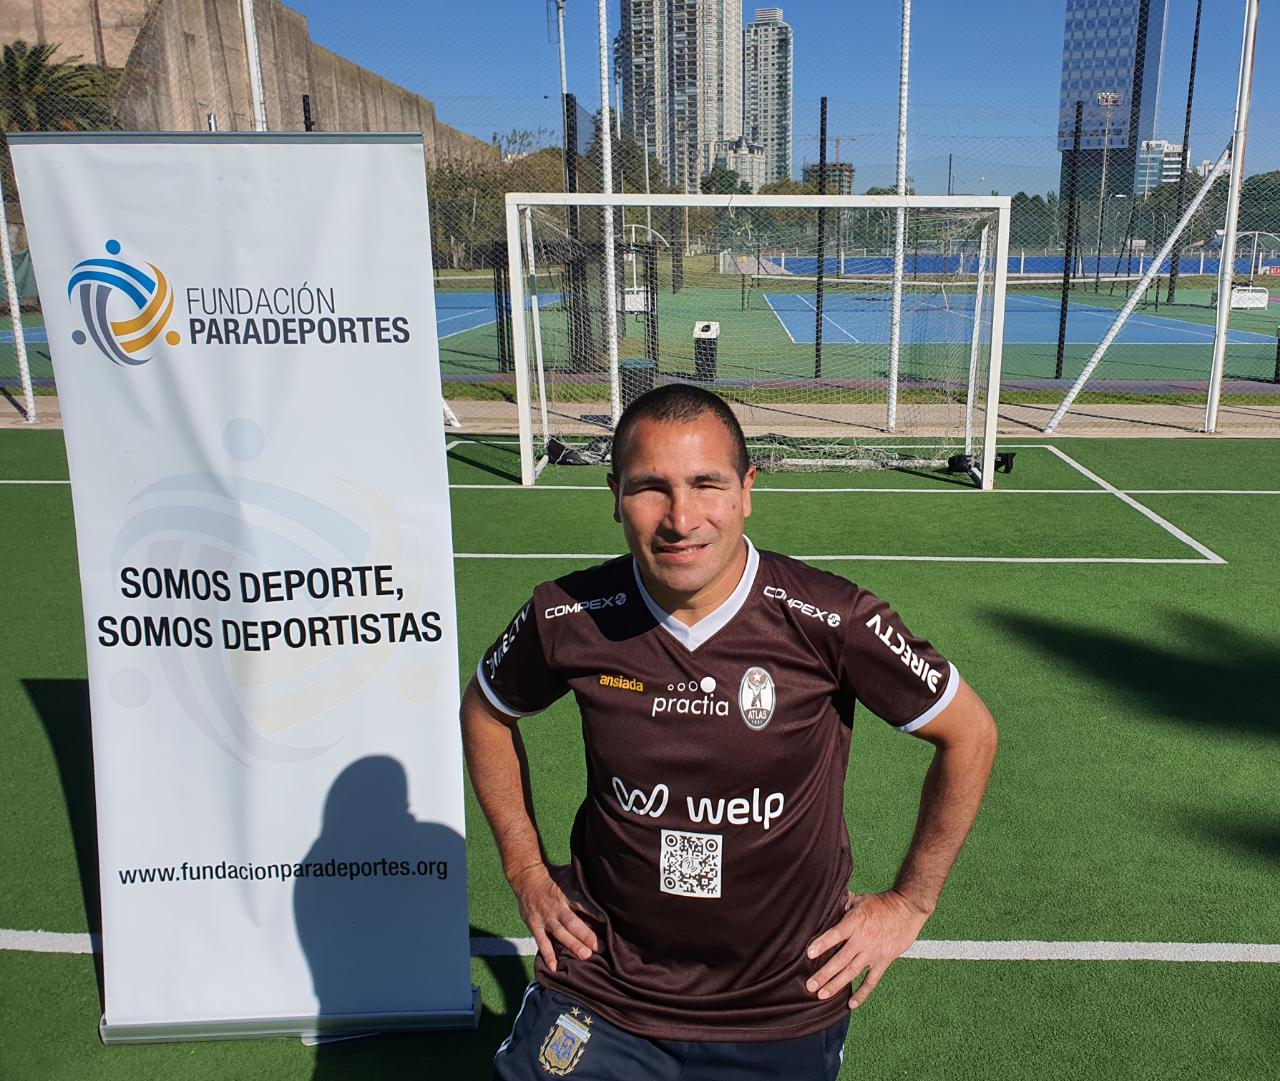 Atlas y la Fundación Paradeportes tendrán un equipo de fútbol para ciegos y Silvio Velo será su capitán